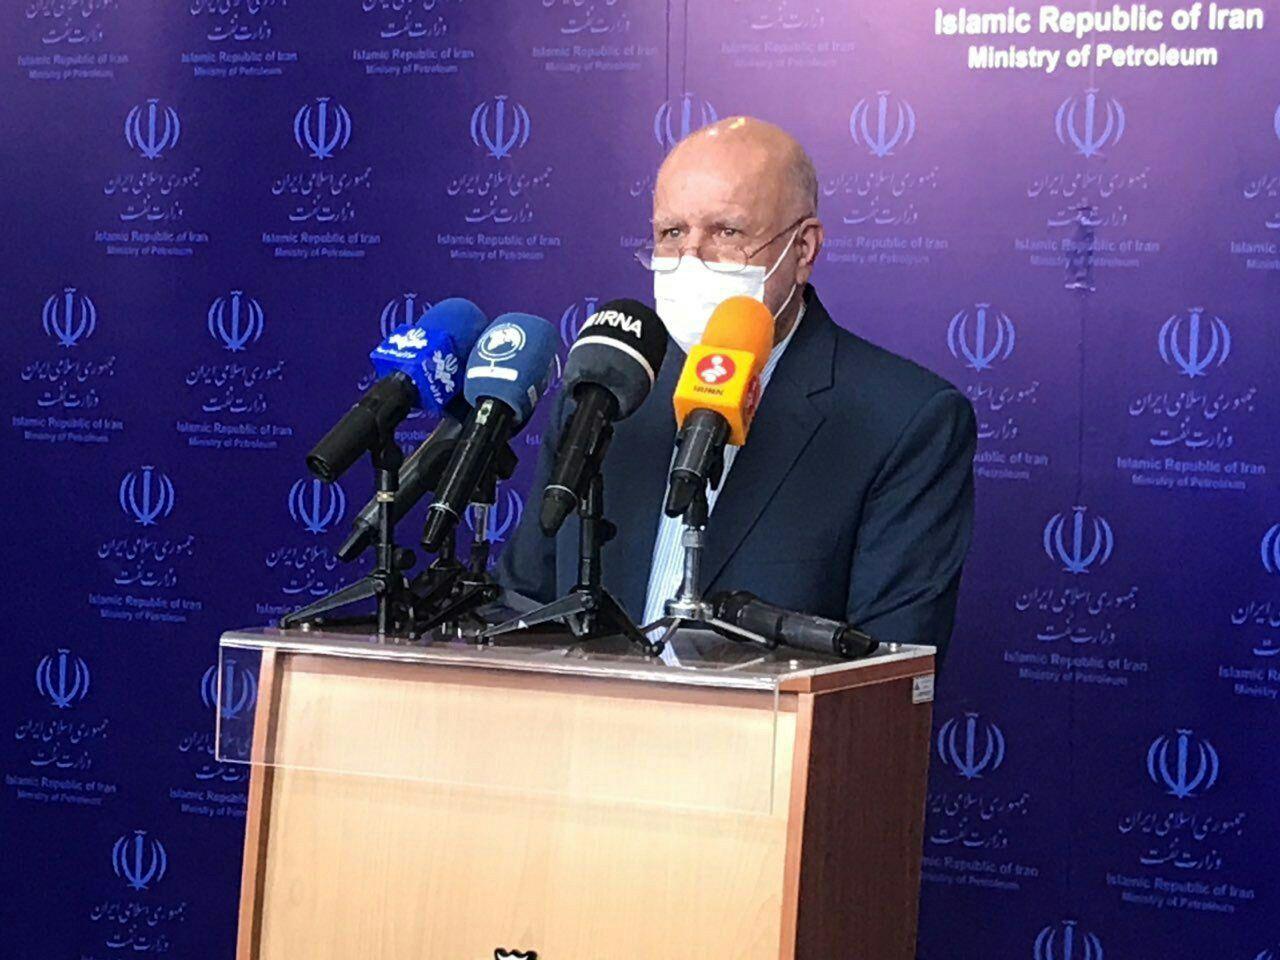 وزیر نفت: هیچ کشوری حاضر به همکاری با ما نیست